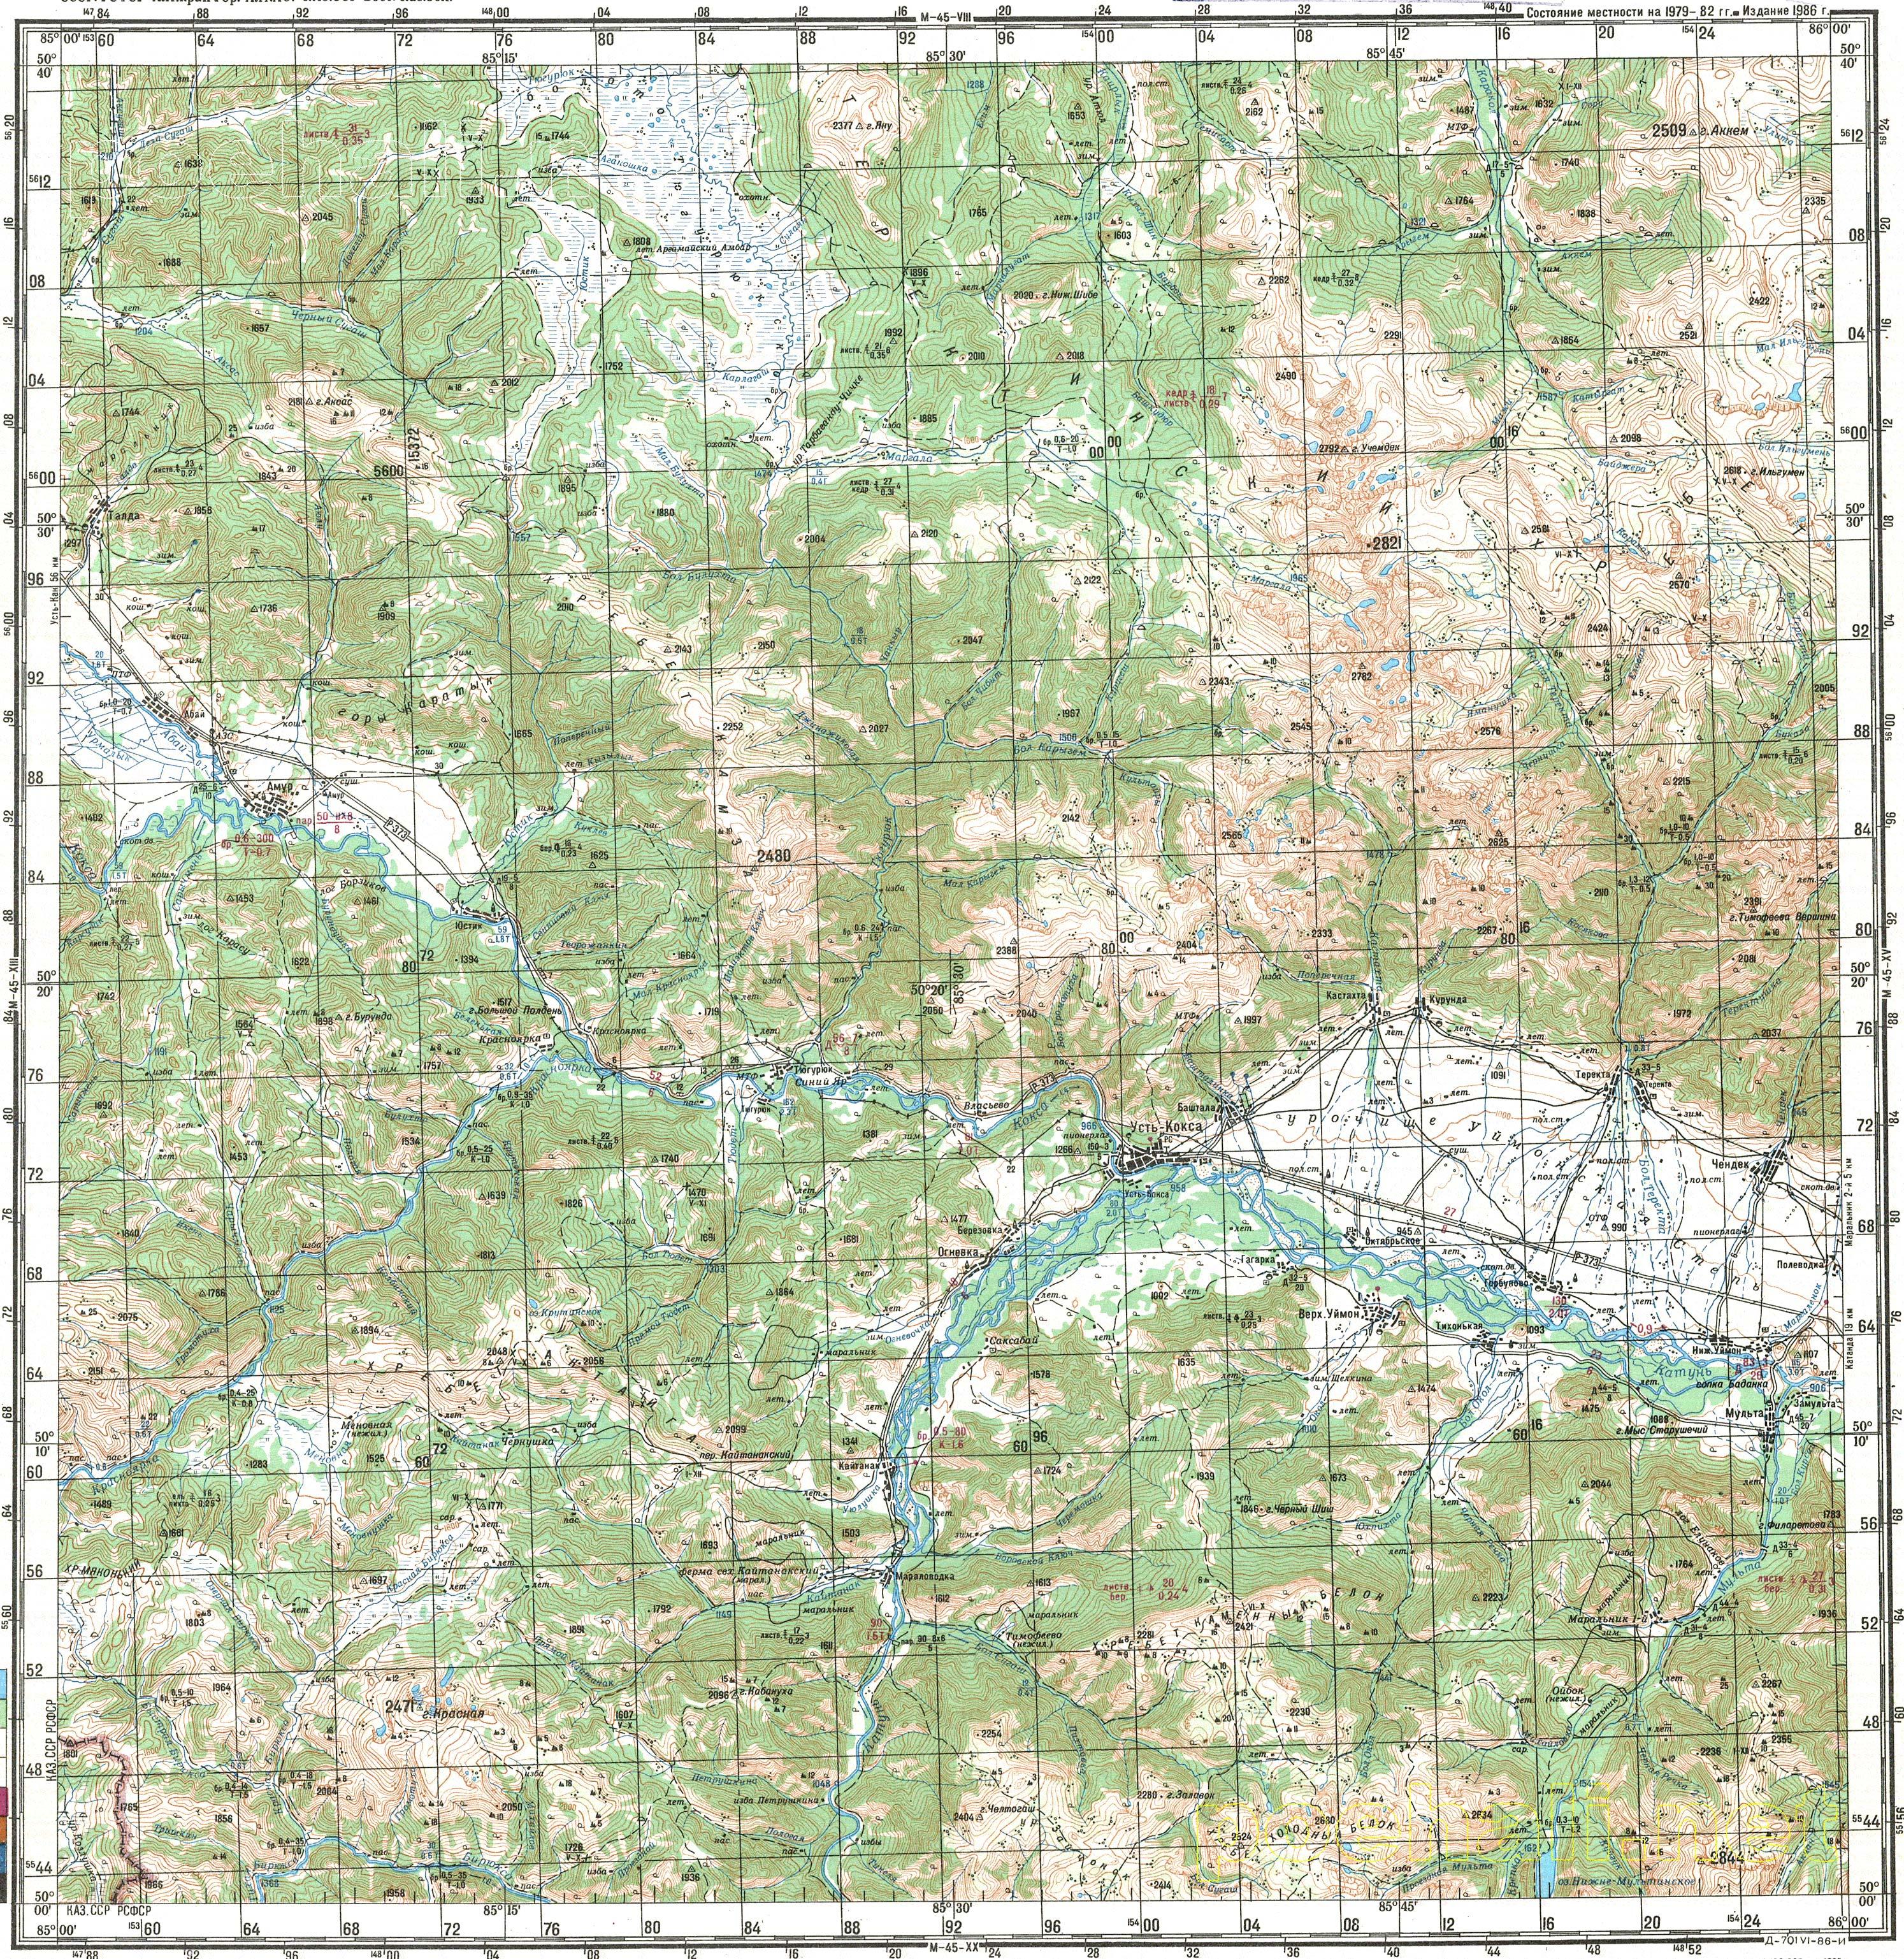 Скачать карту m-45-14 (2976 Kb)